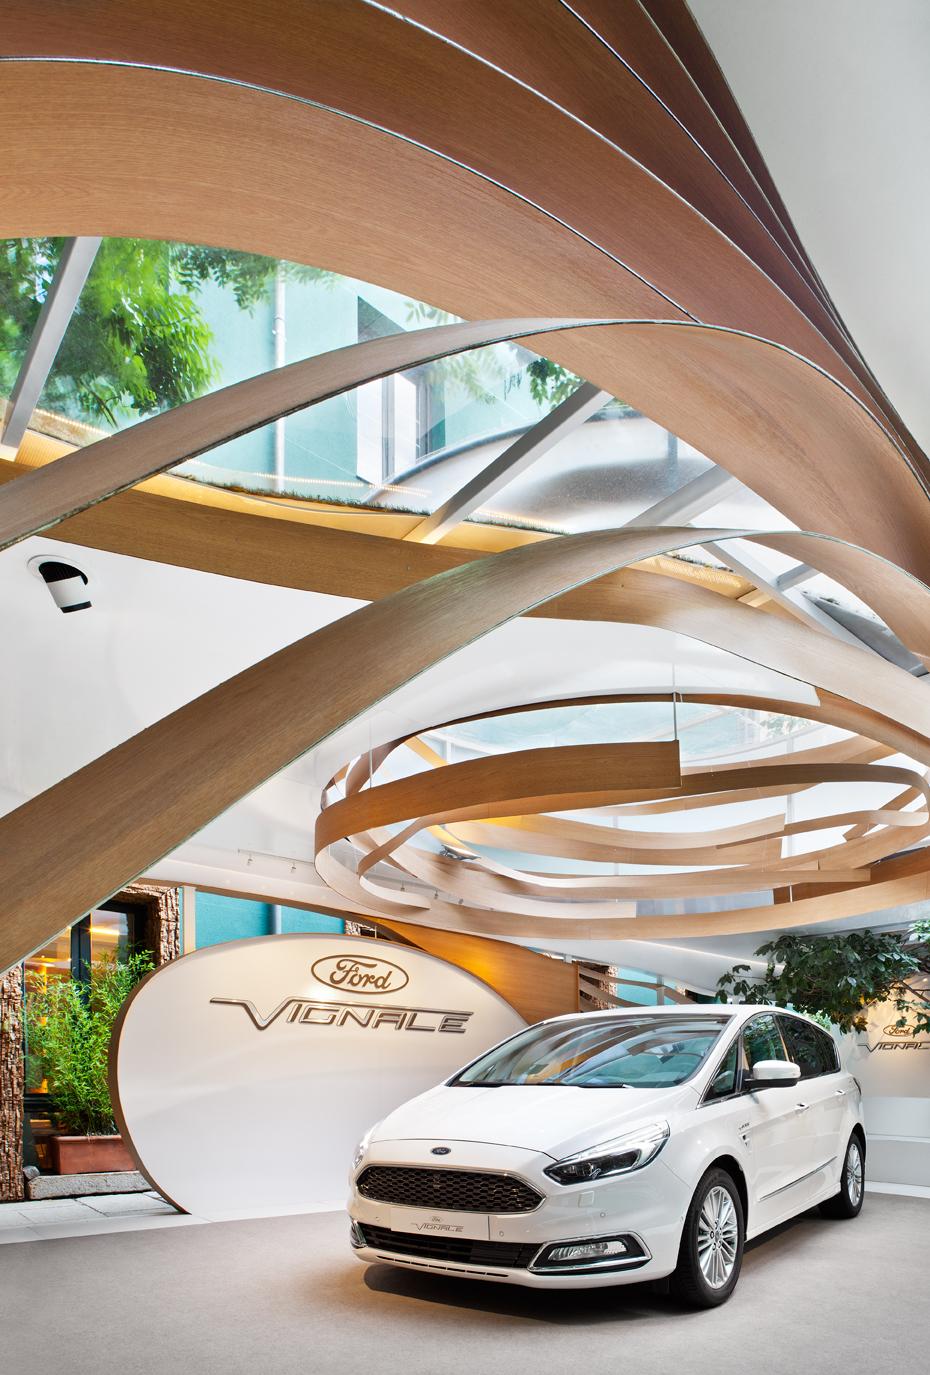 Espacio «Ford Vignale Pavillion»